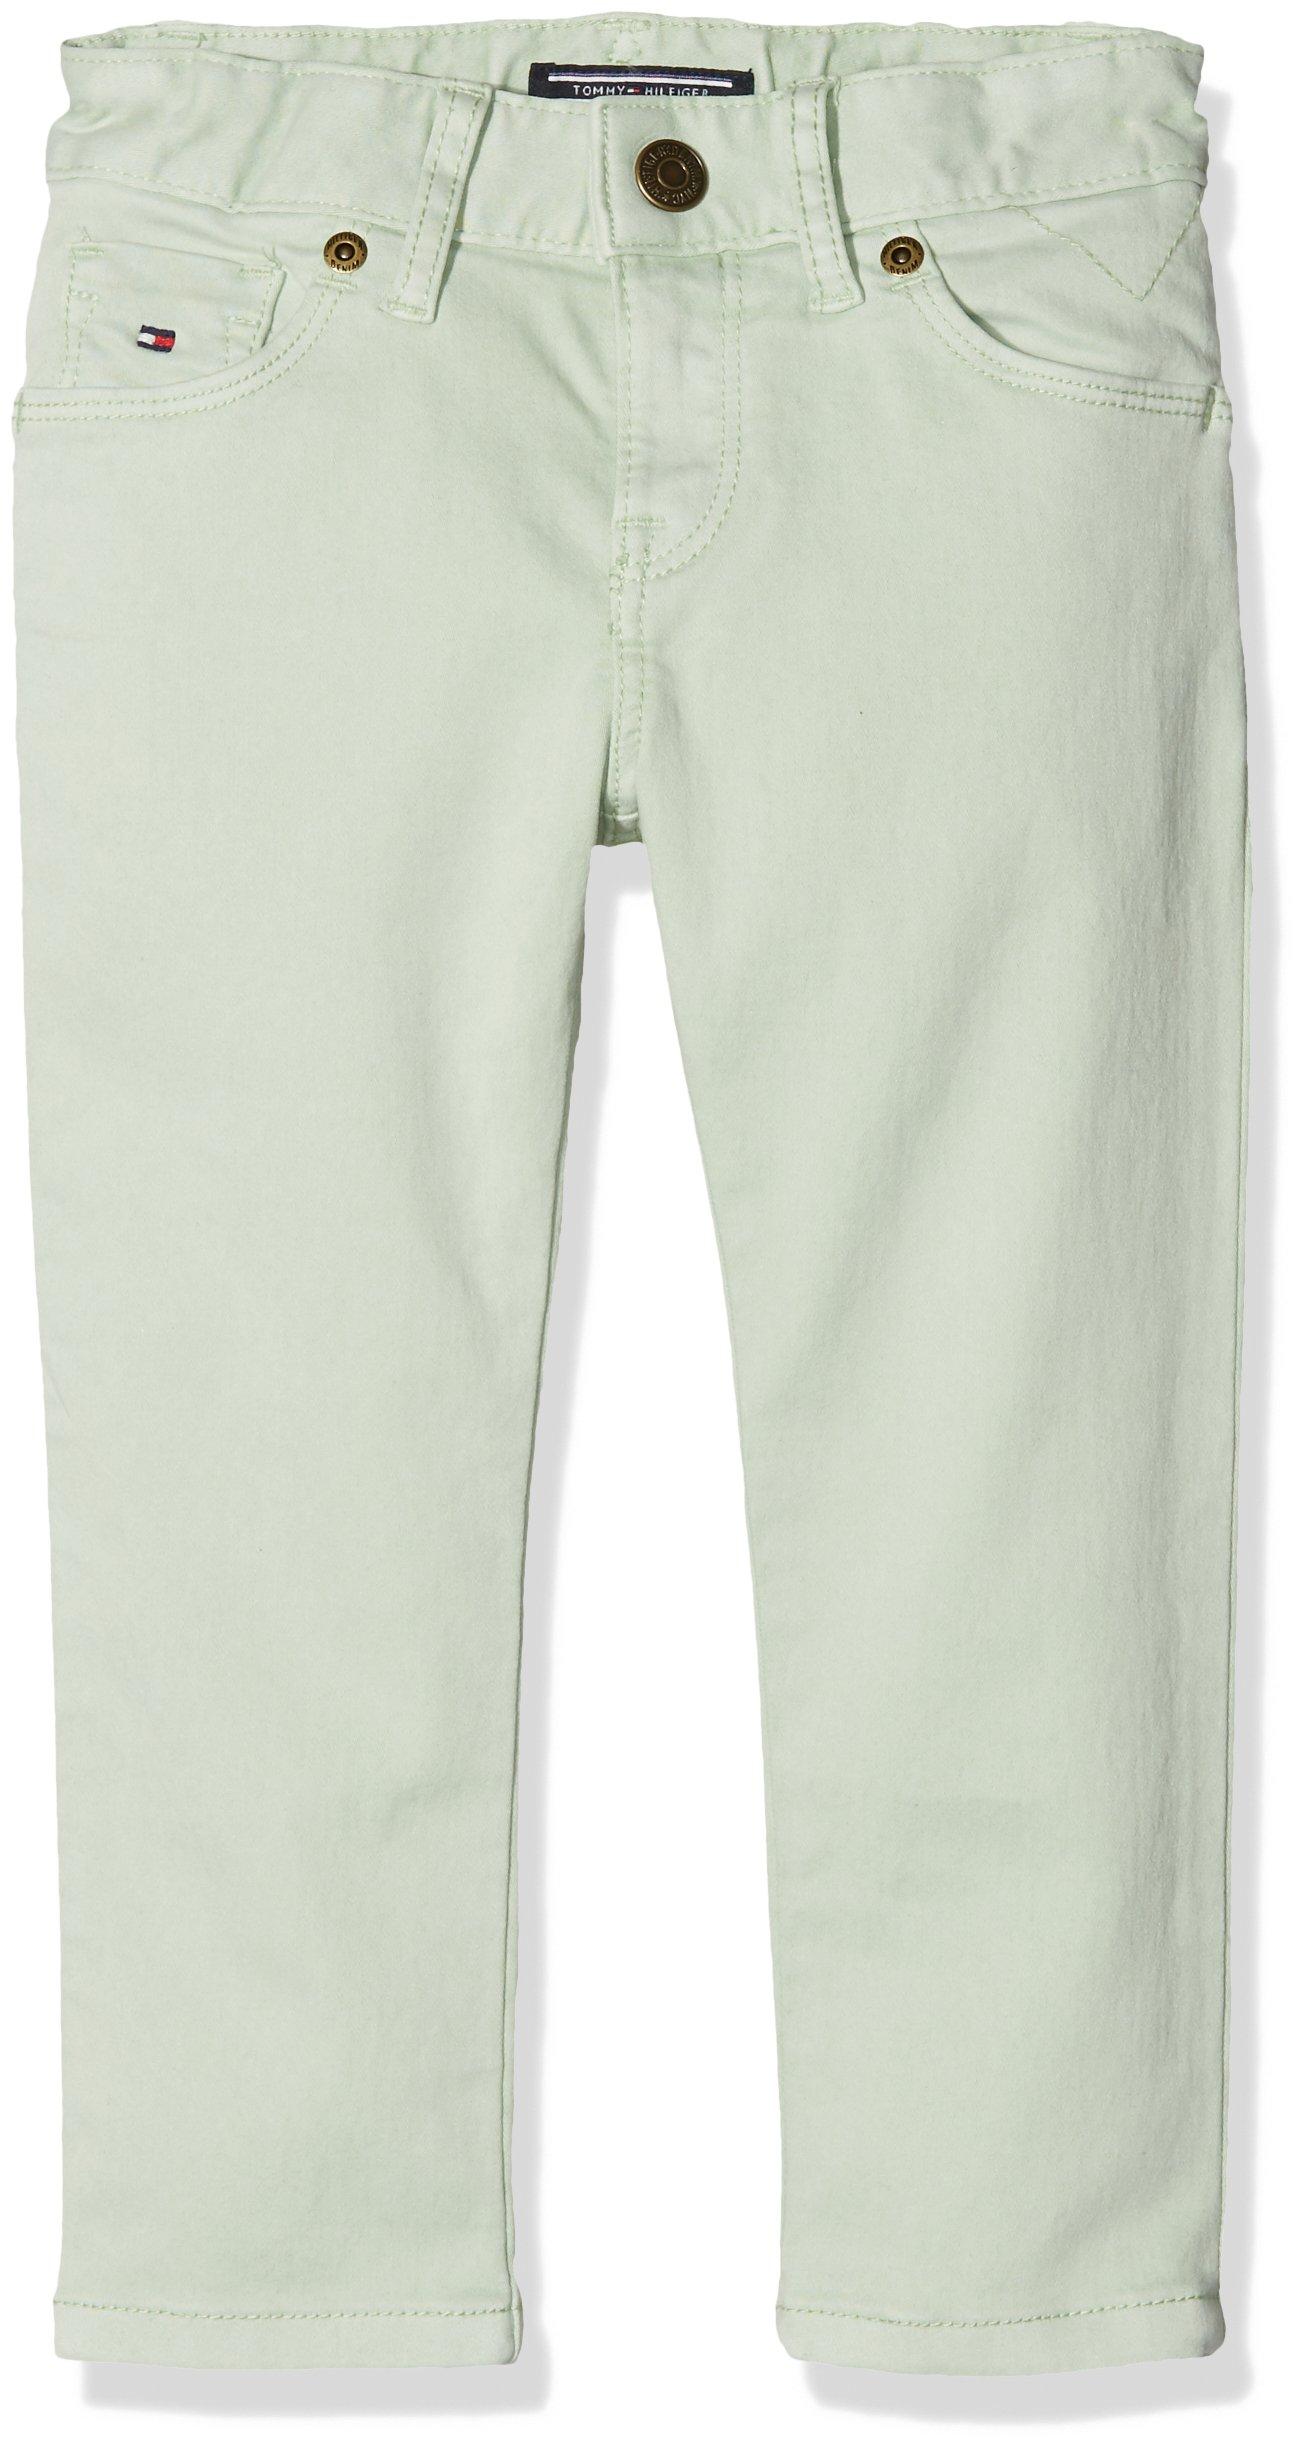 Tommy Hilfiger Ame Nora Skinny Stat GD Pantalones para Niñas